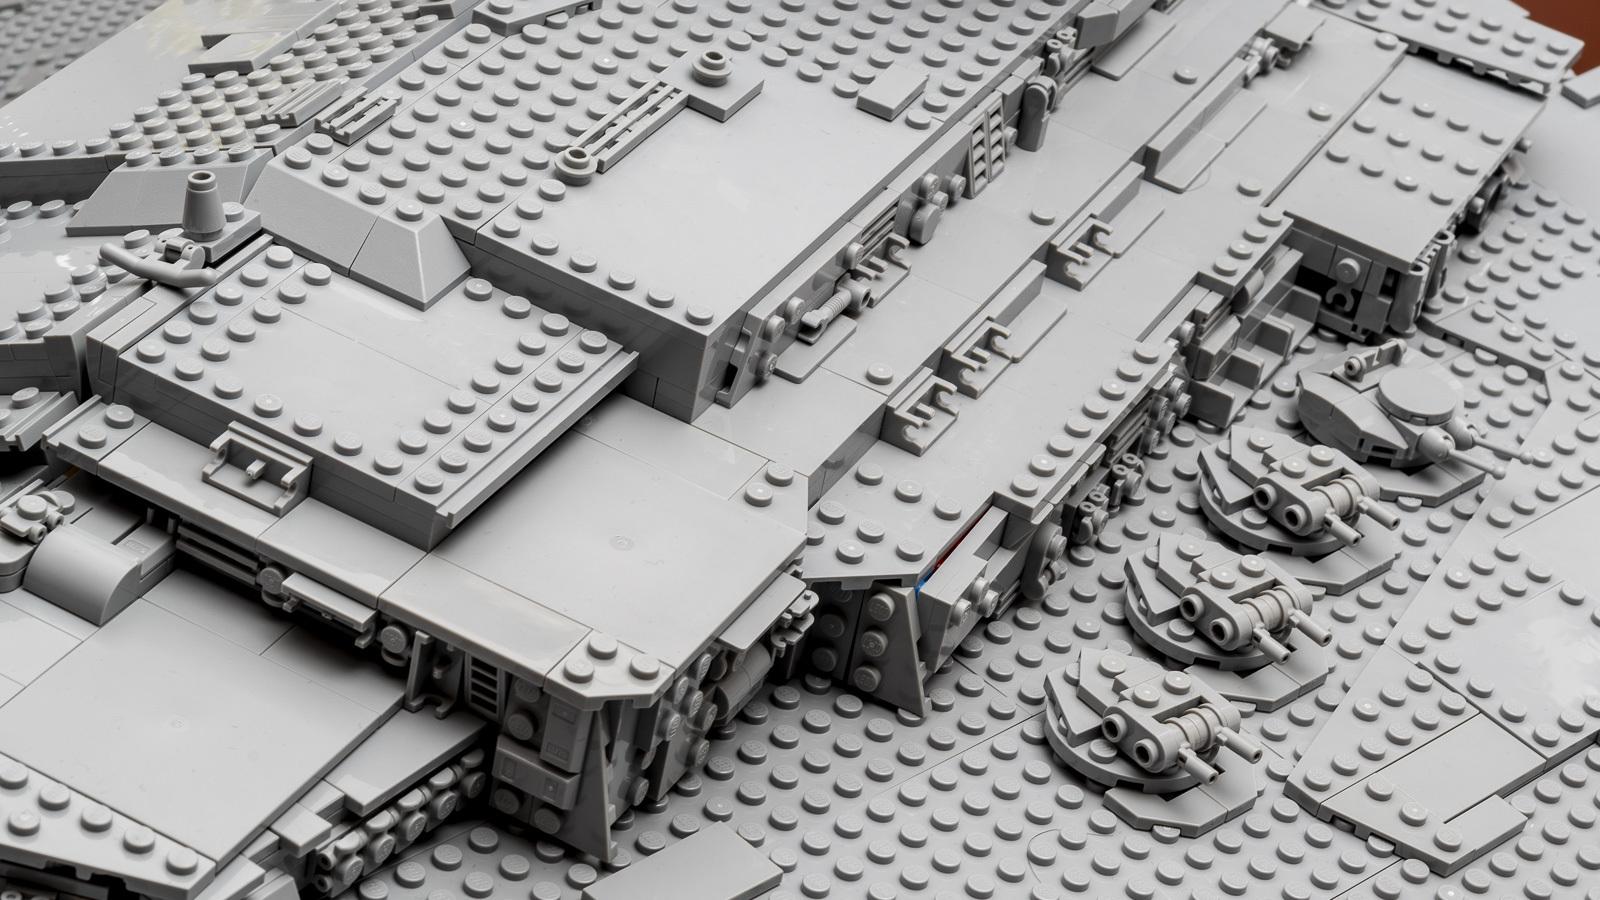 全長1mオーバー、LEGOで組む巨大なスター・デストロイヤーに本物の「優しさ」を感じた話_b0029315_18310337.jpg